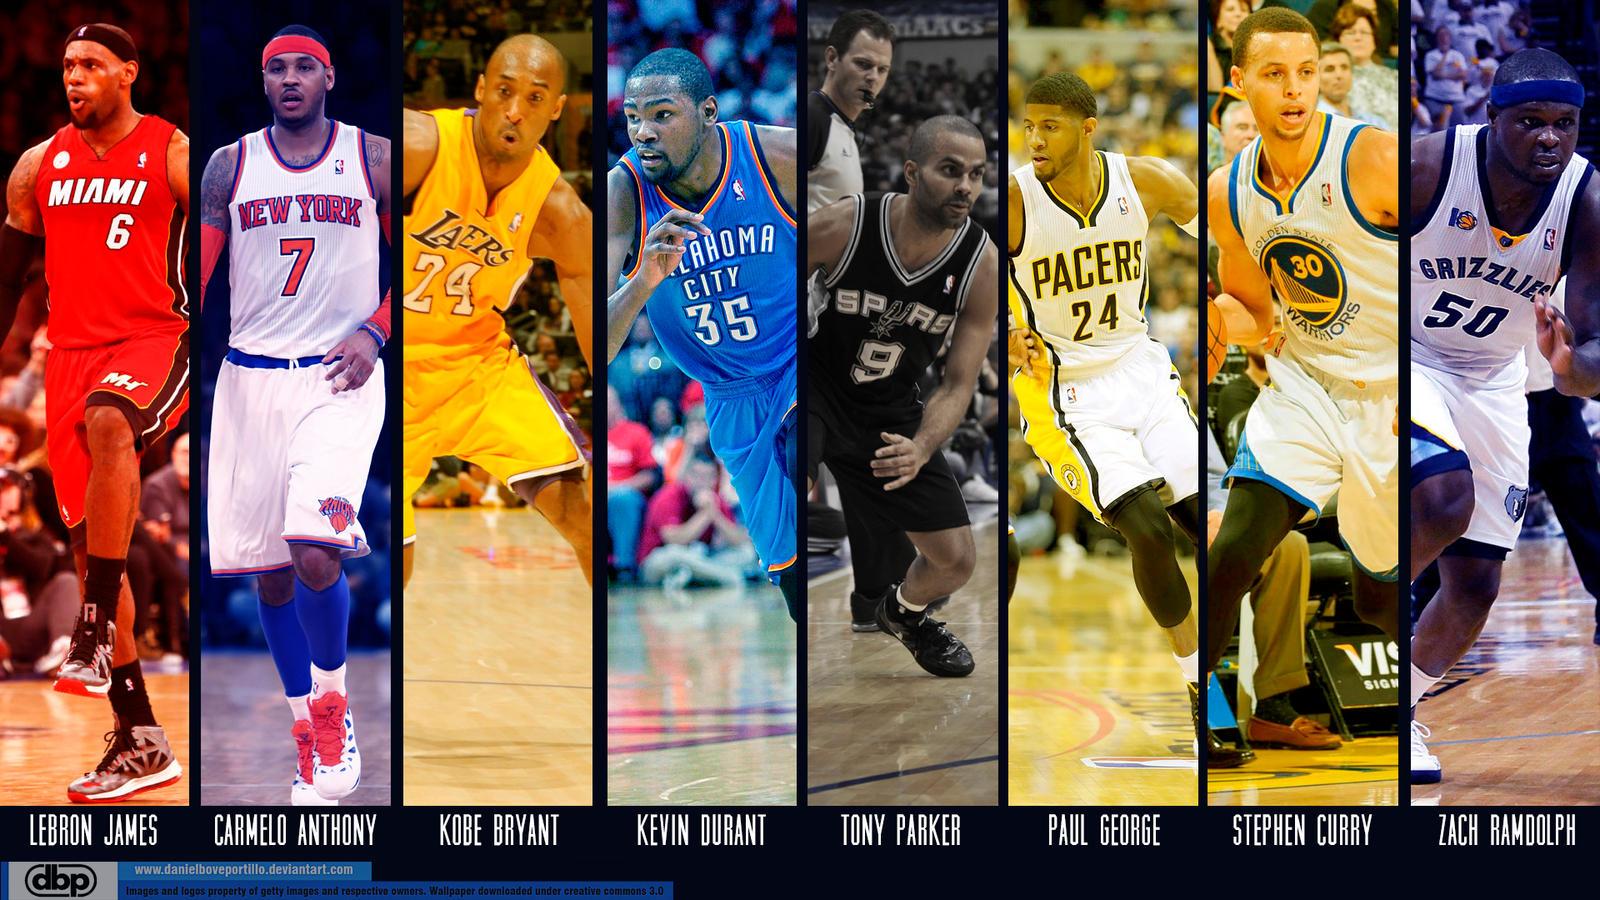 NBA Stars 2013 By Danielboveportillo